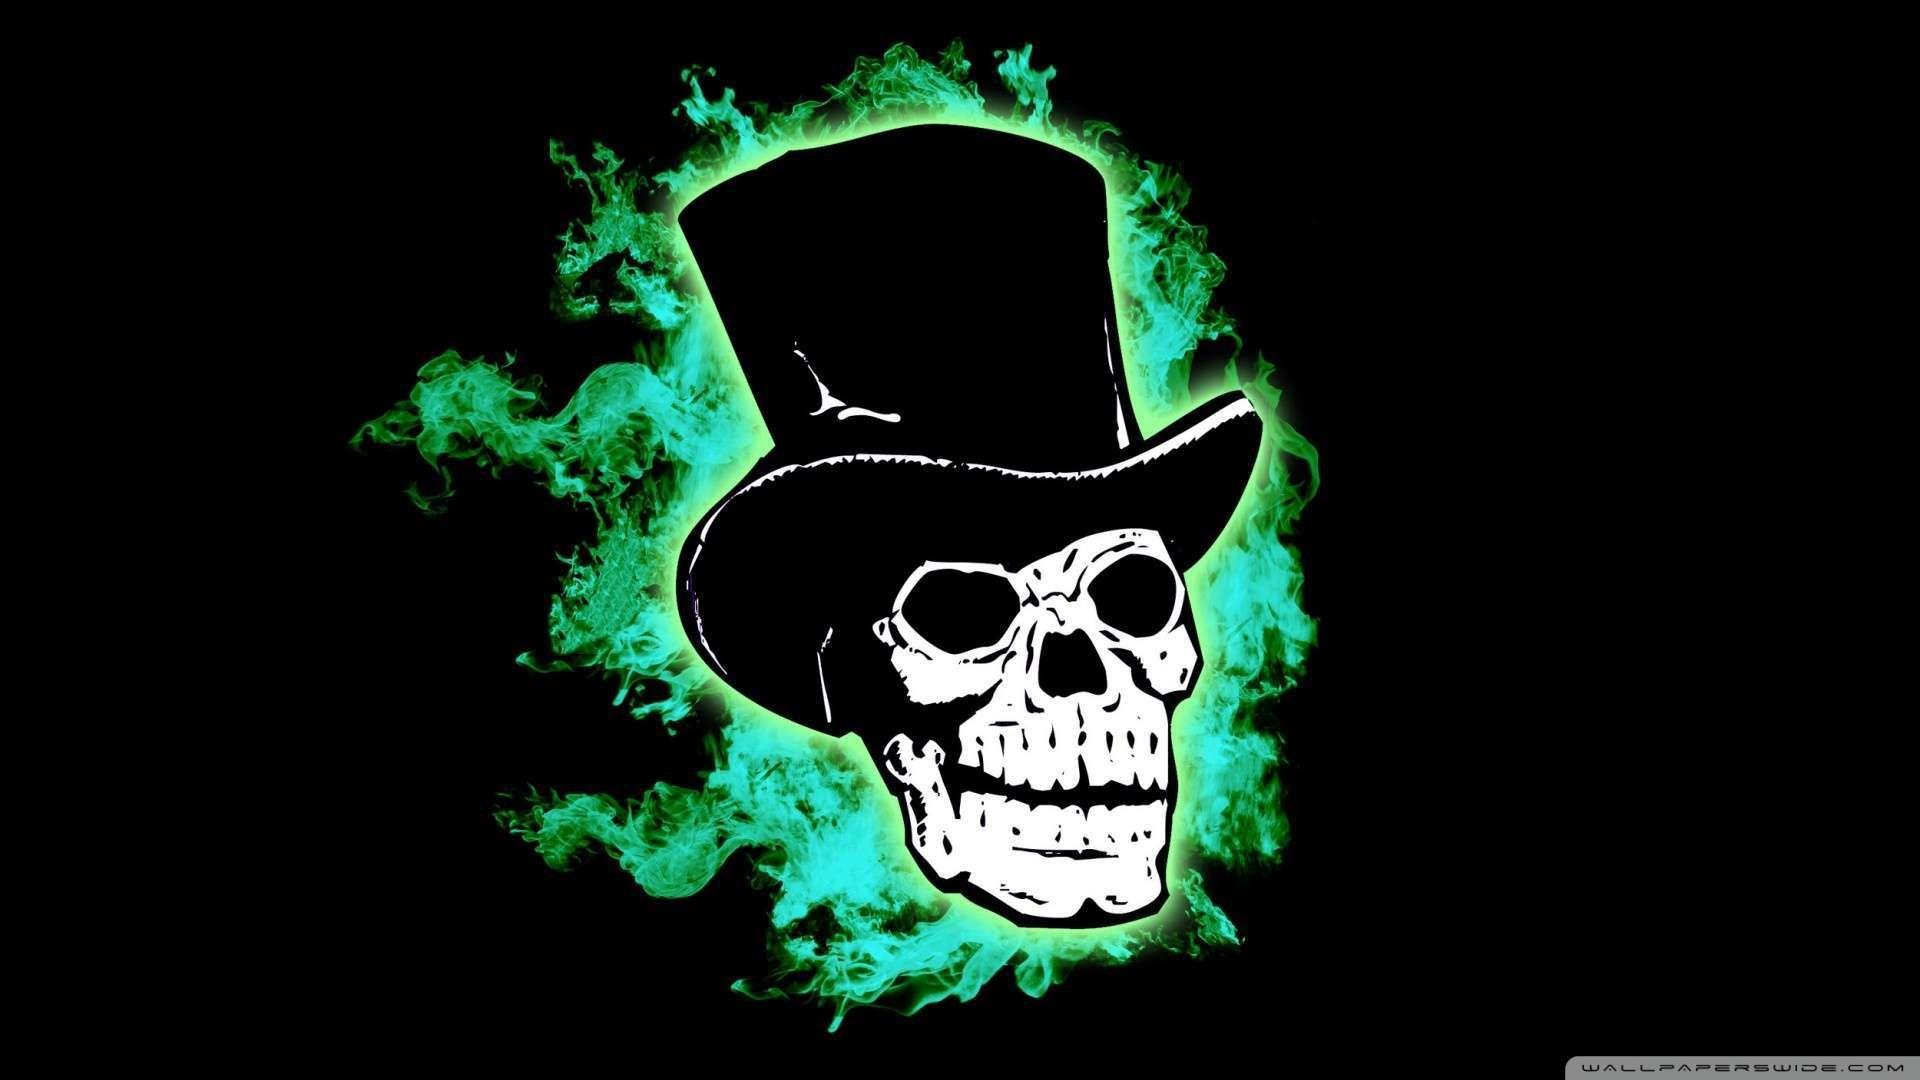 Wallpaper: Halloween Skull Wallpaper 1080p HD. Upload at January 16 .